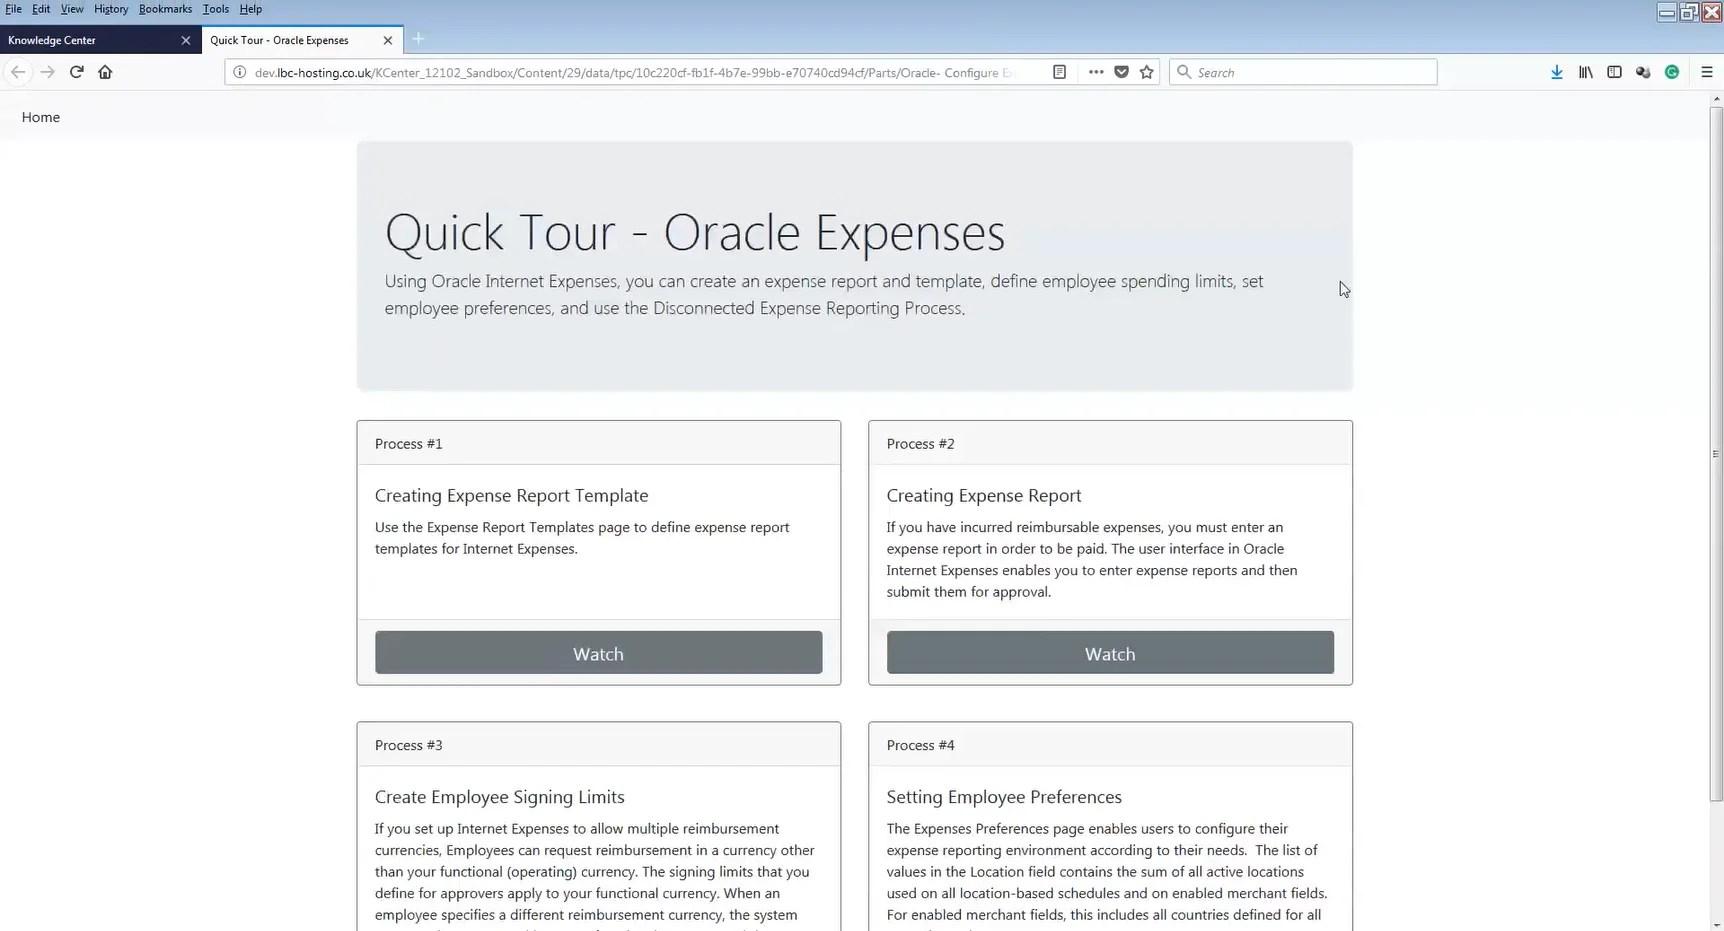 UPK HTML page